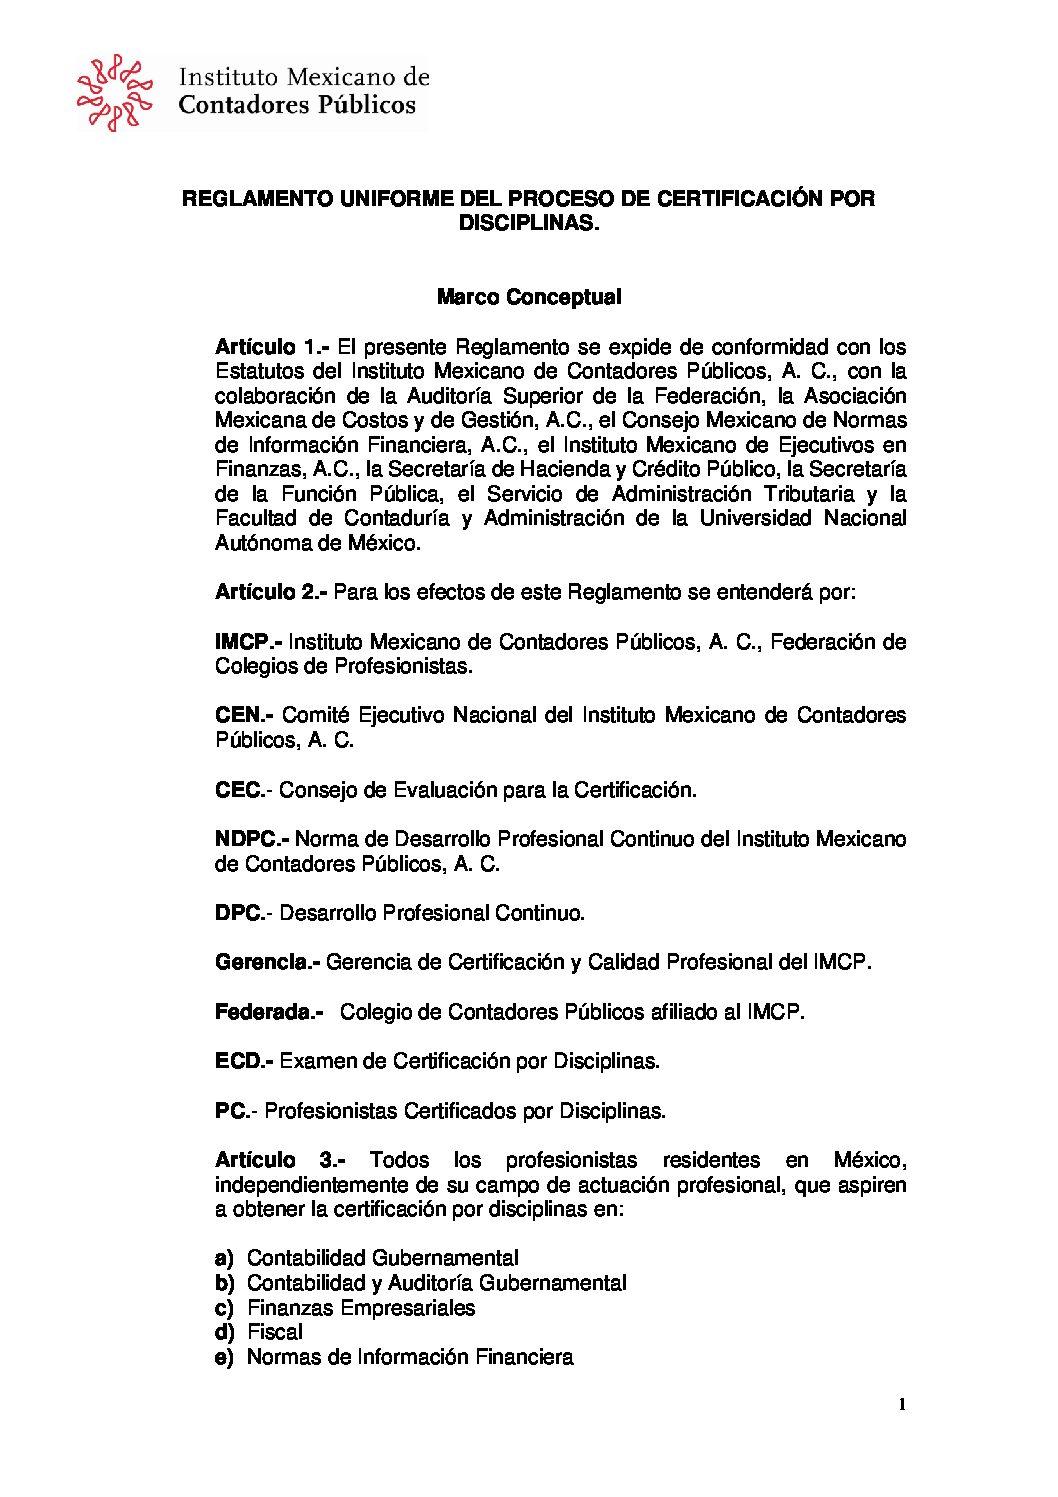 REGLAMENTO UNIFORME DEL PROCESO DE CERTIFICACIÓN POR DISCIPLINAS